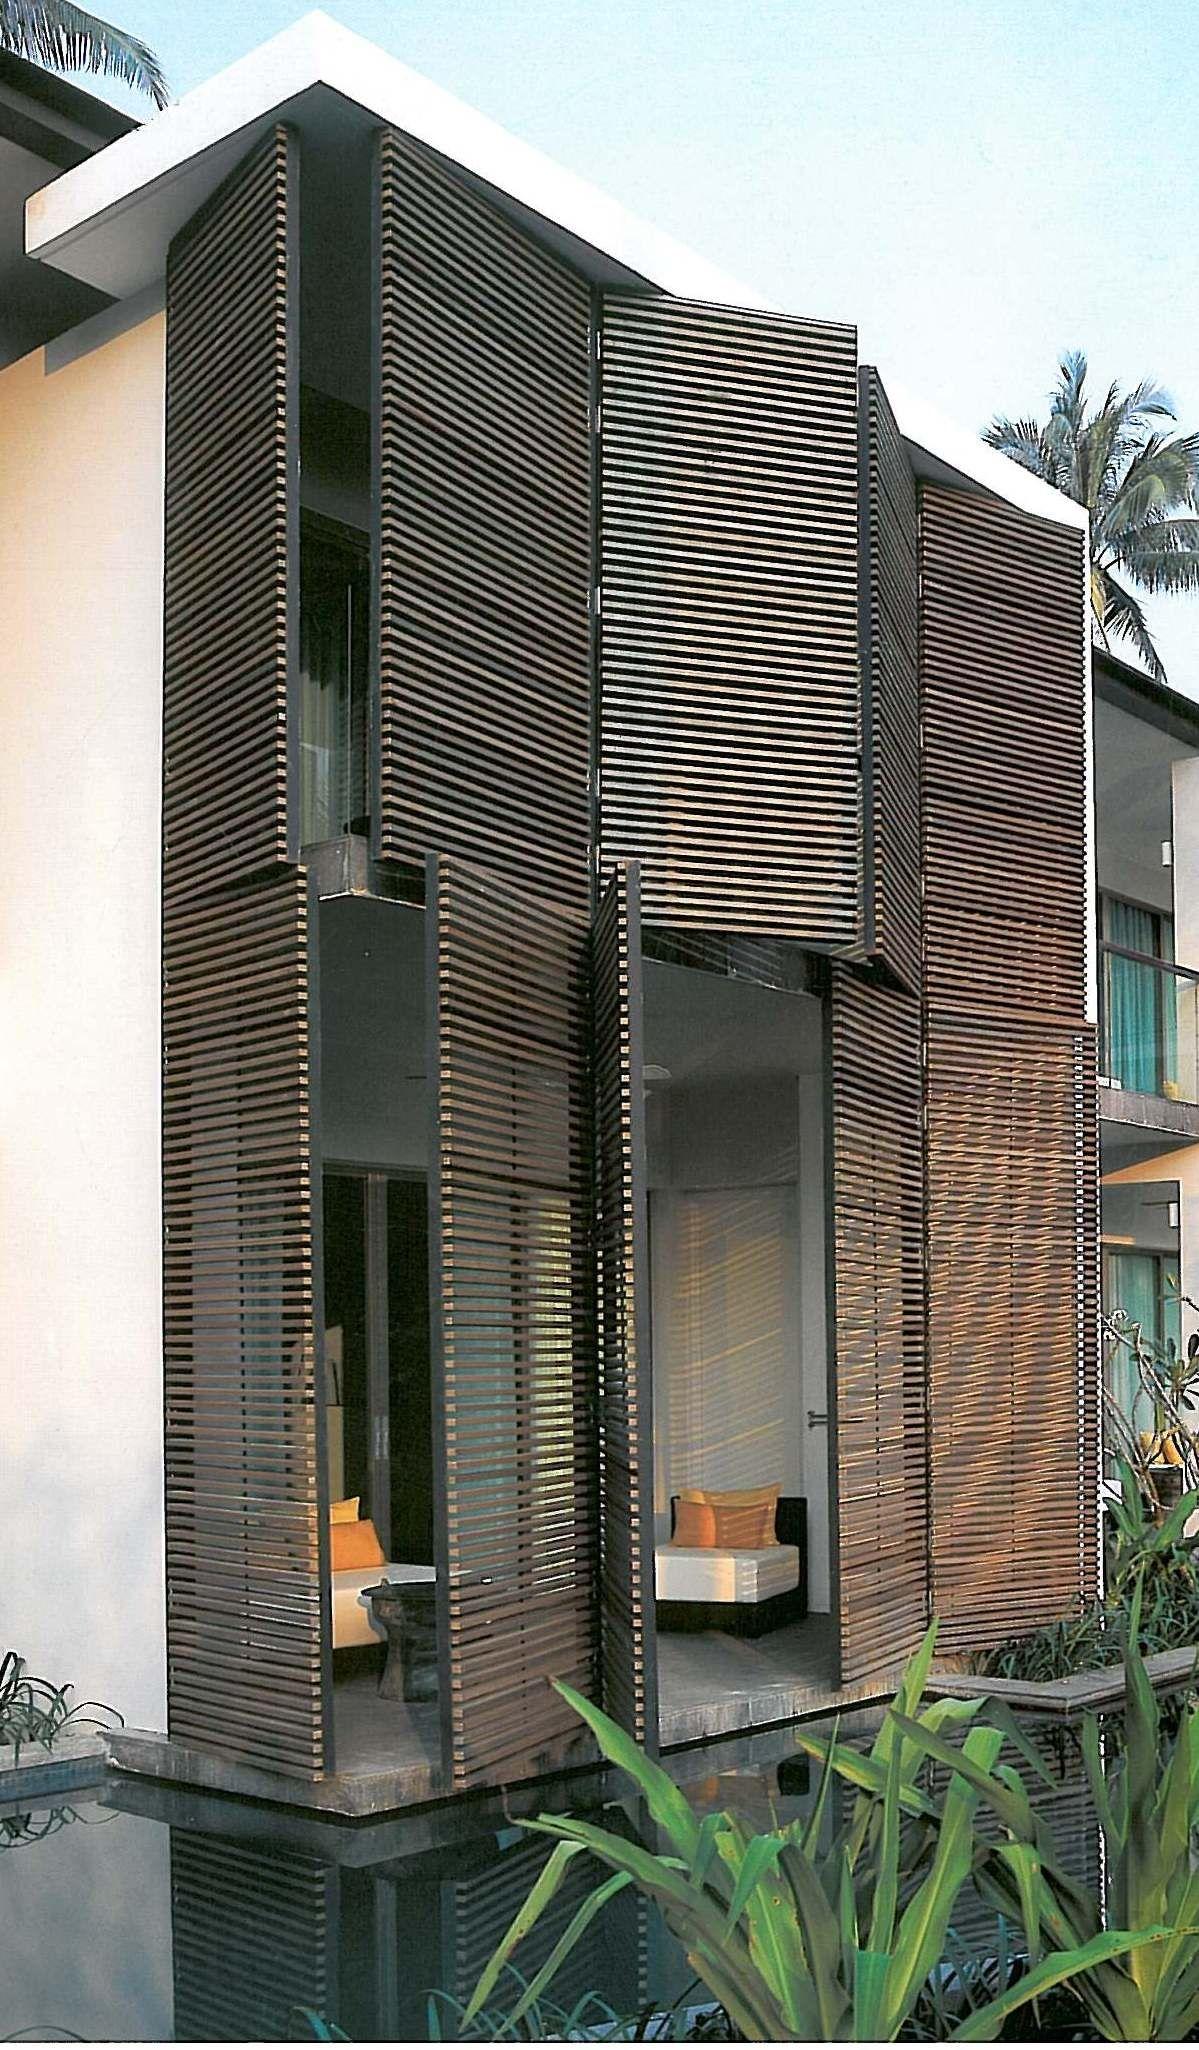 Materiales fachadas modernas simple seguir los parmetros - Materiales fachadas modernas ...